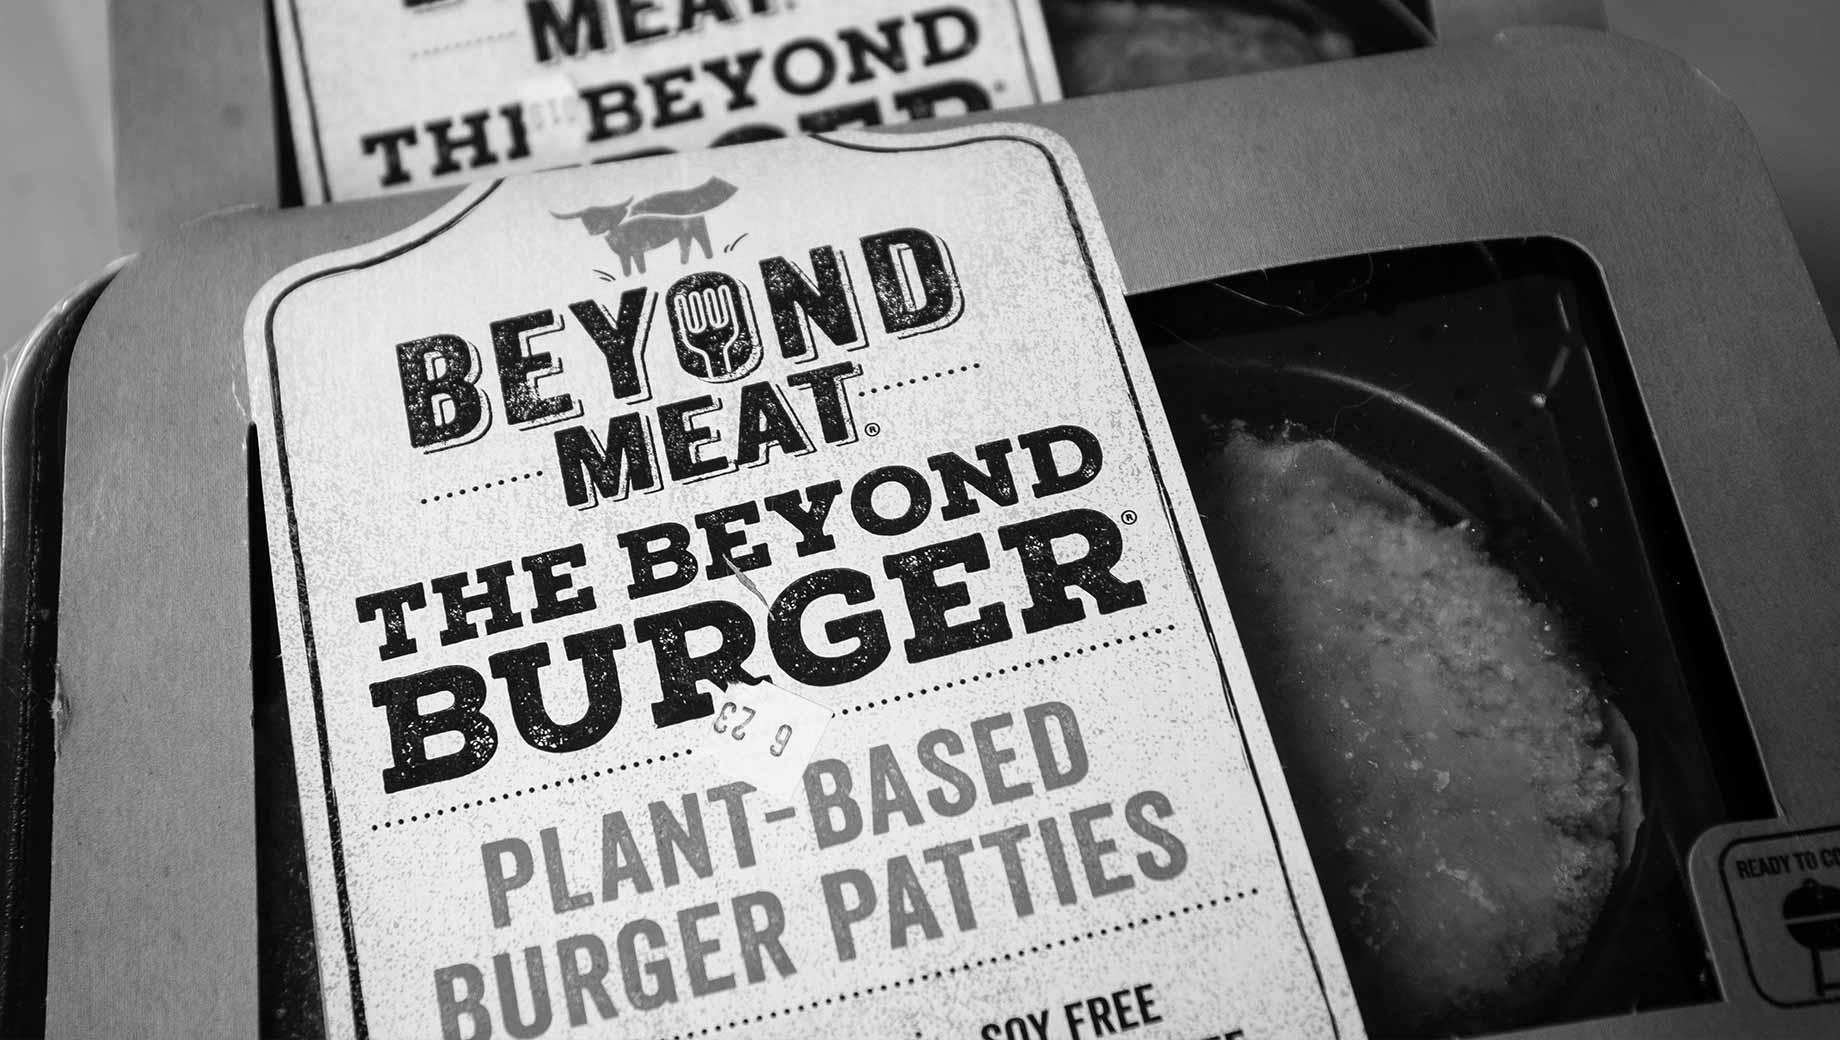 9fpawtlhwei7kemy9x ima - 40% des américains ont consommé des substituts végétaux à la viande